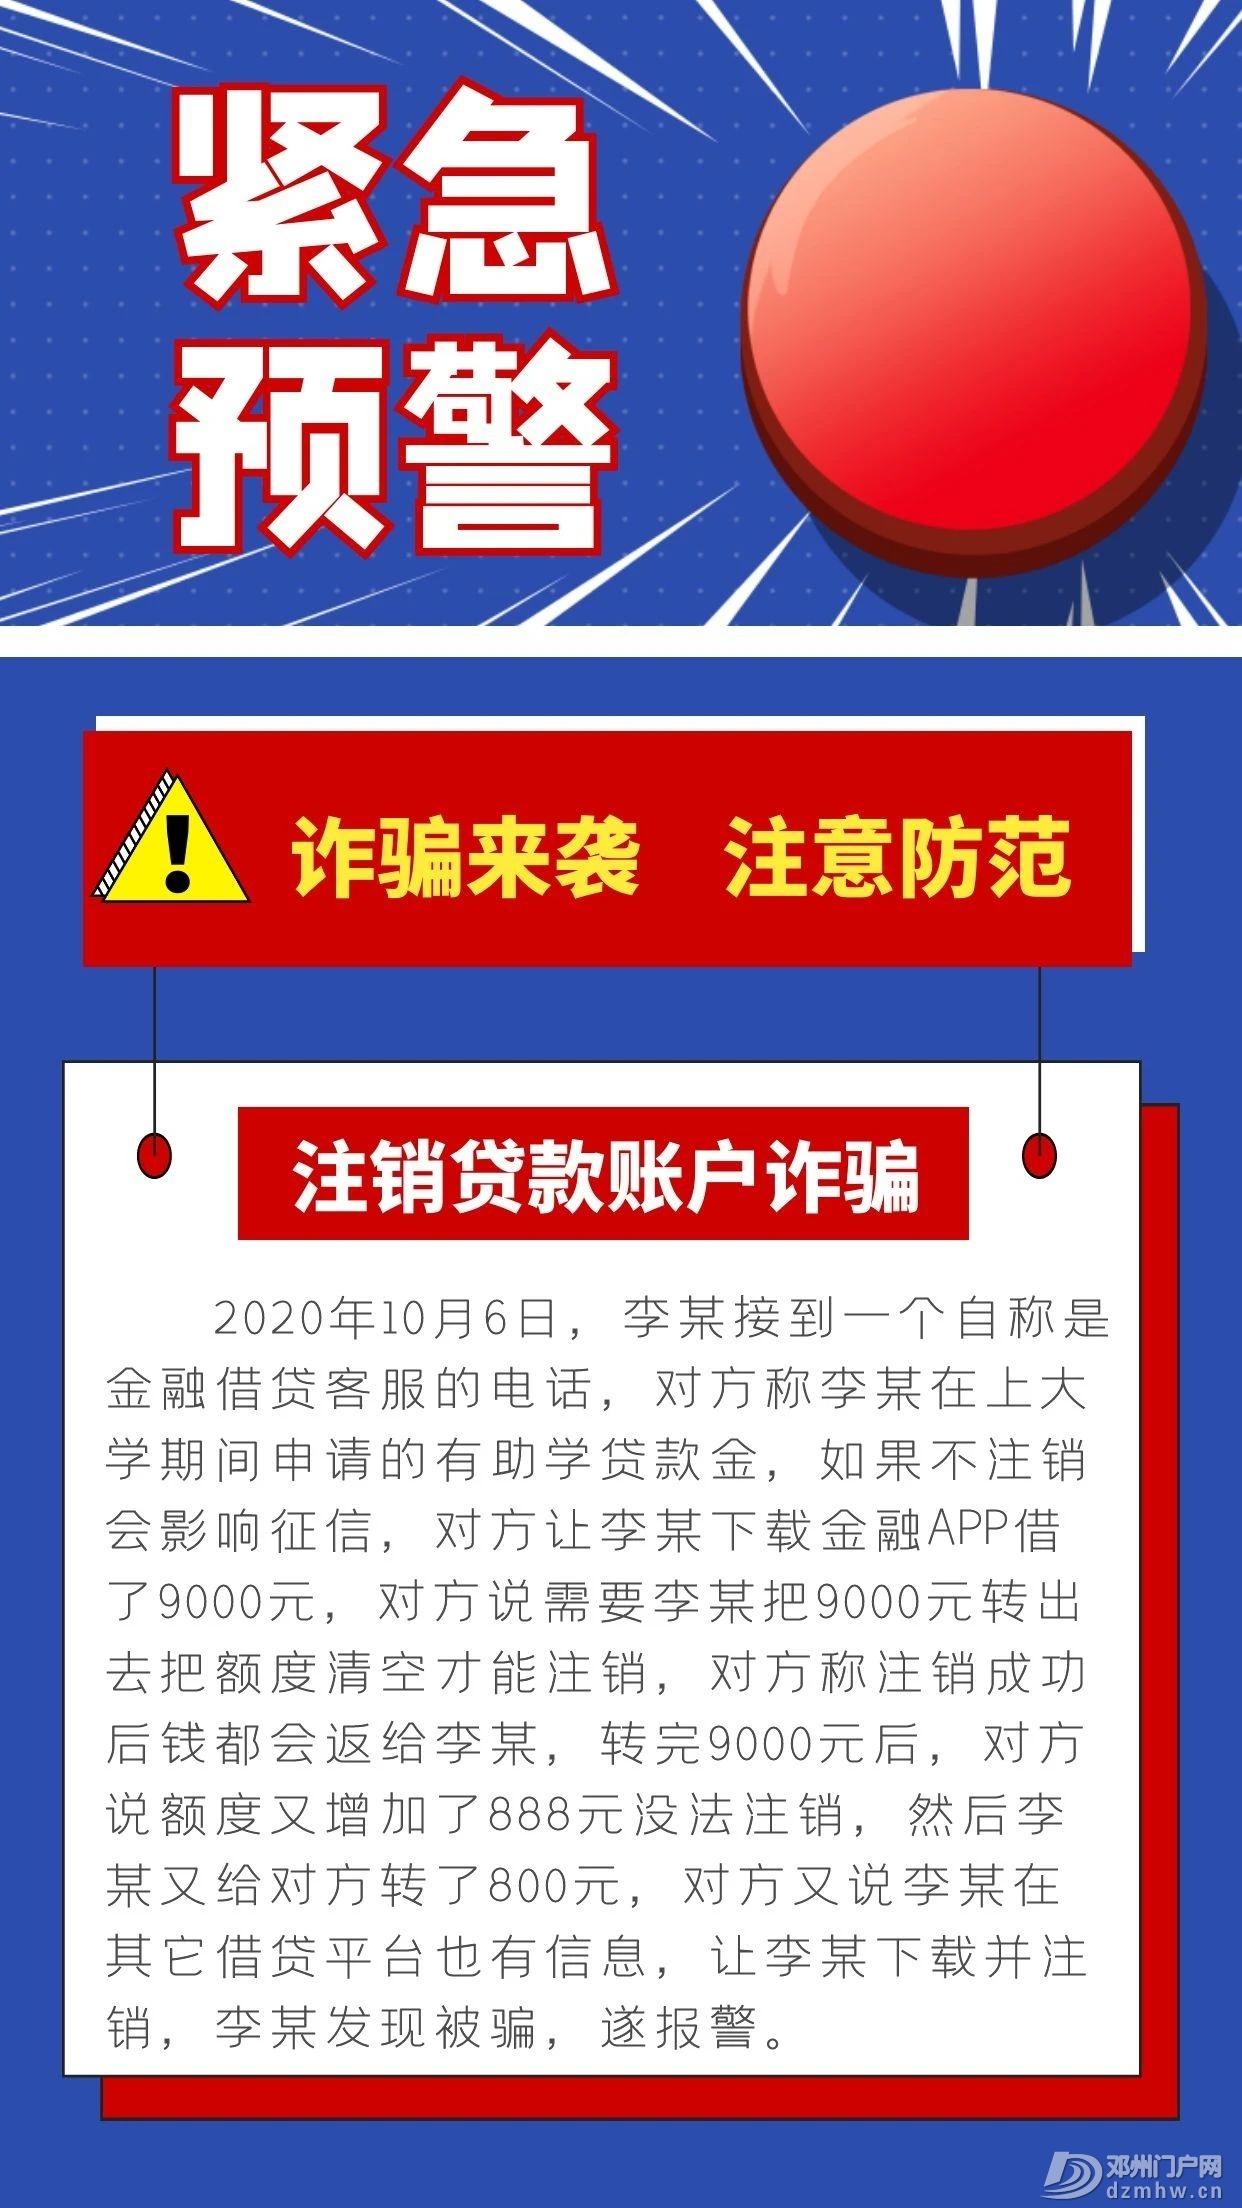 紧急预警丨这类骗局高发,河南已有多人被骗! - 邓州门户网|邓州网 - 7947dd945400cdbd7ad351107193479c.jpg